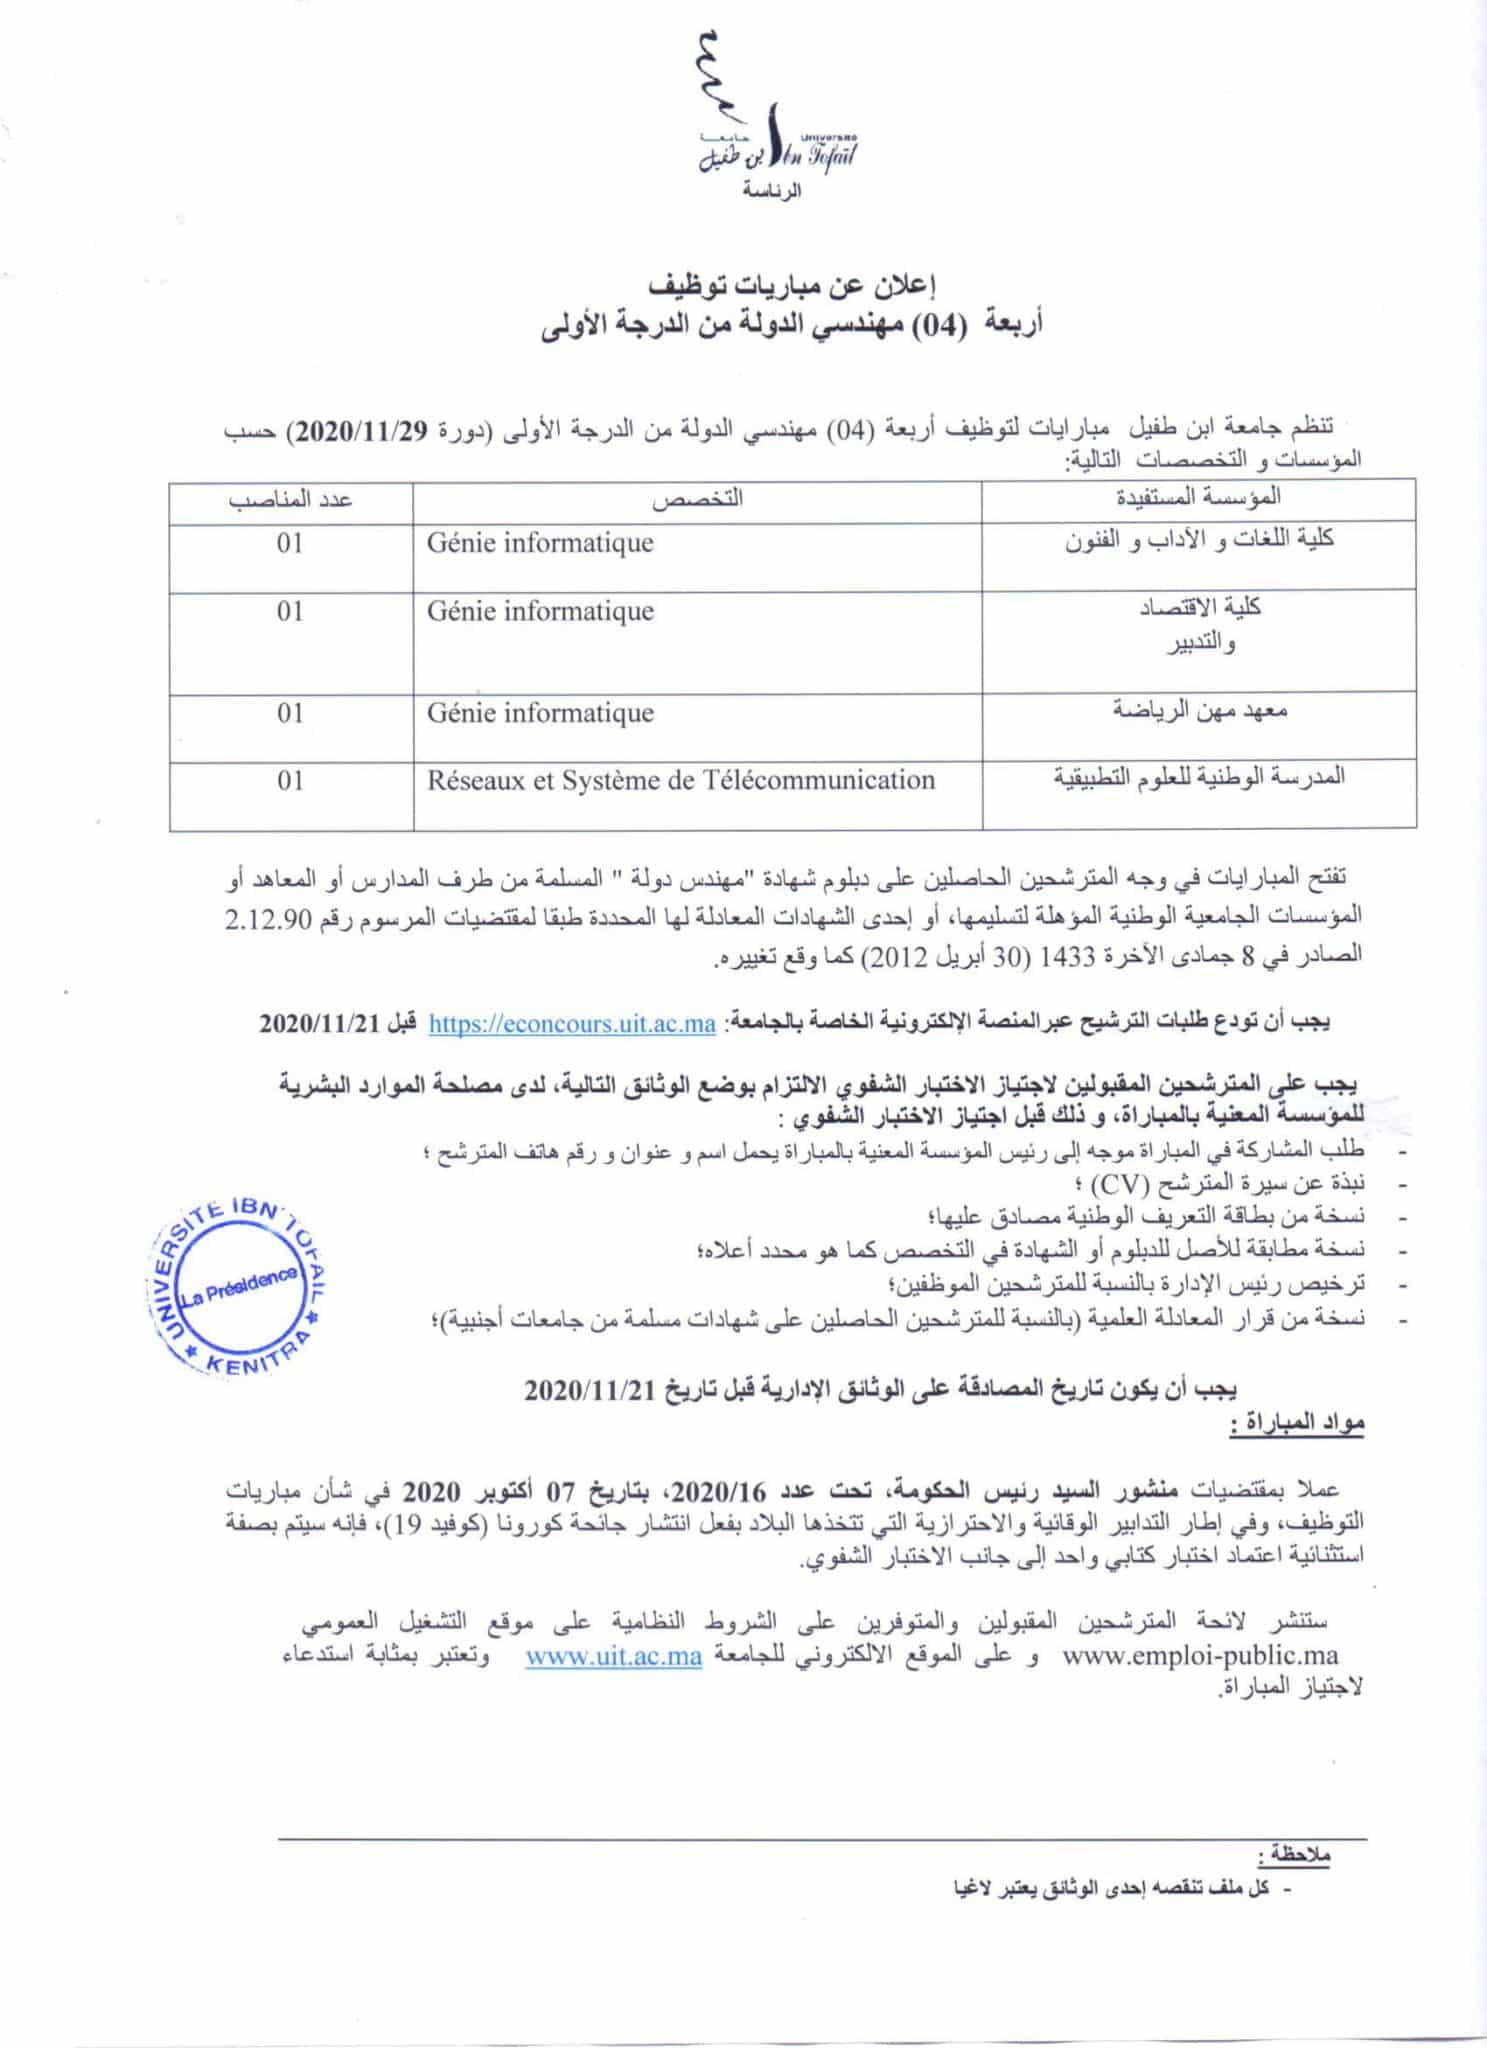 Concours Université Ibn Tofail (29 Postes)